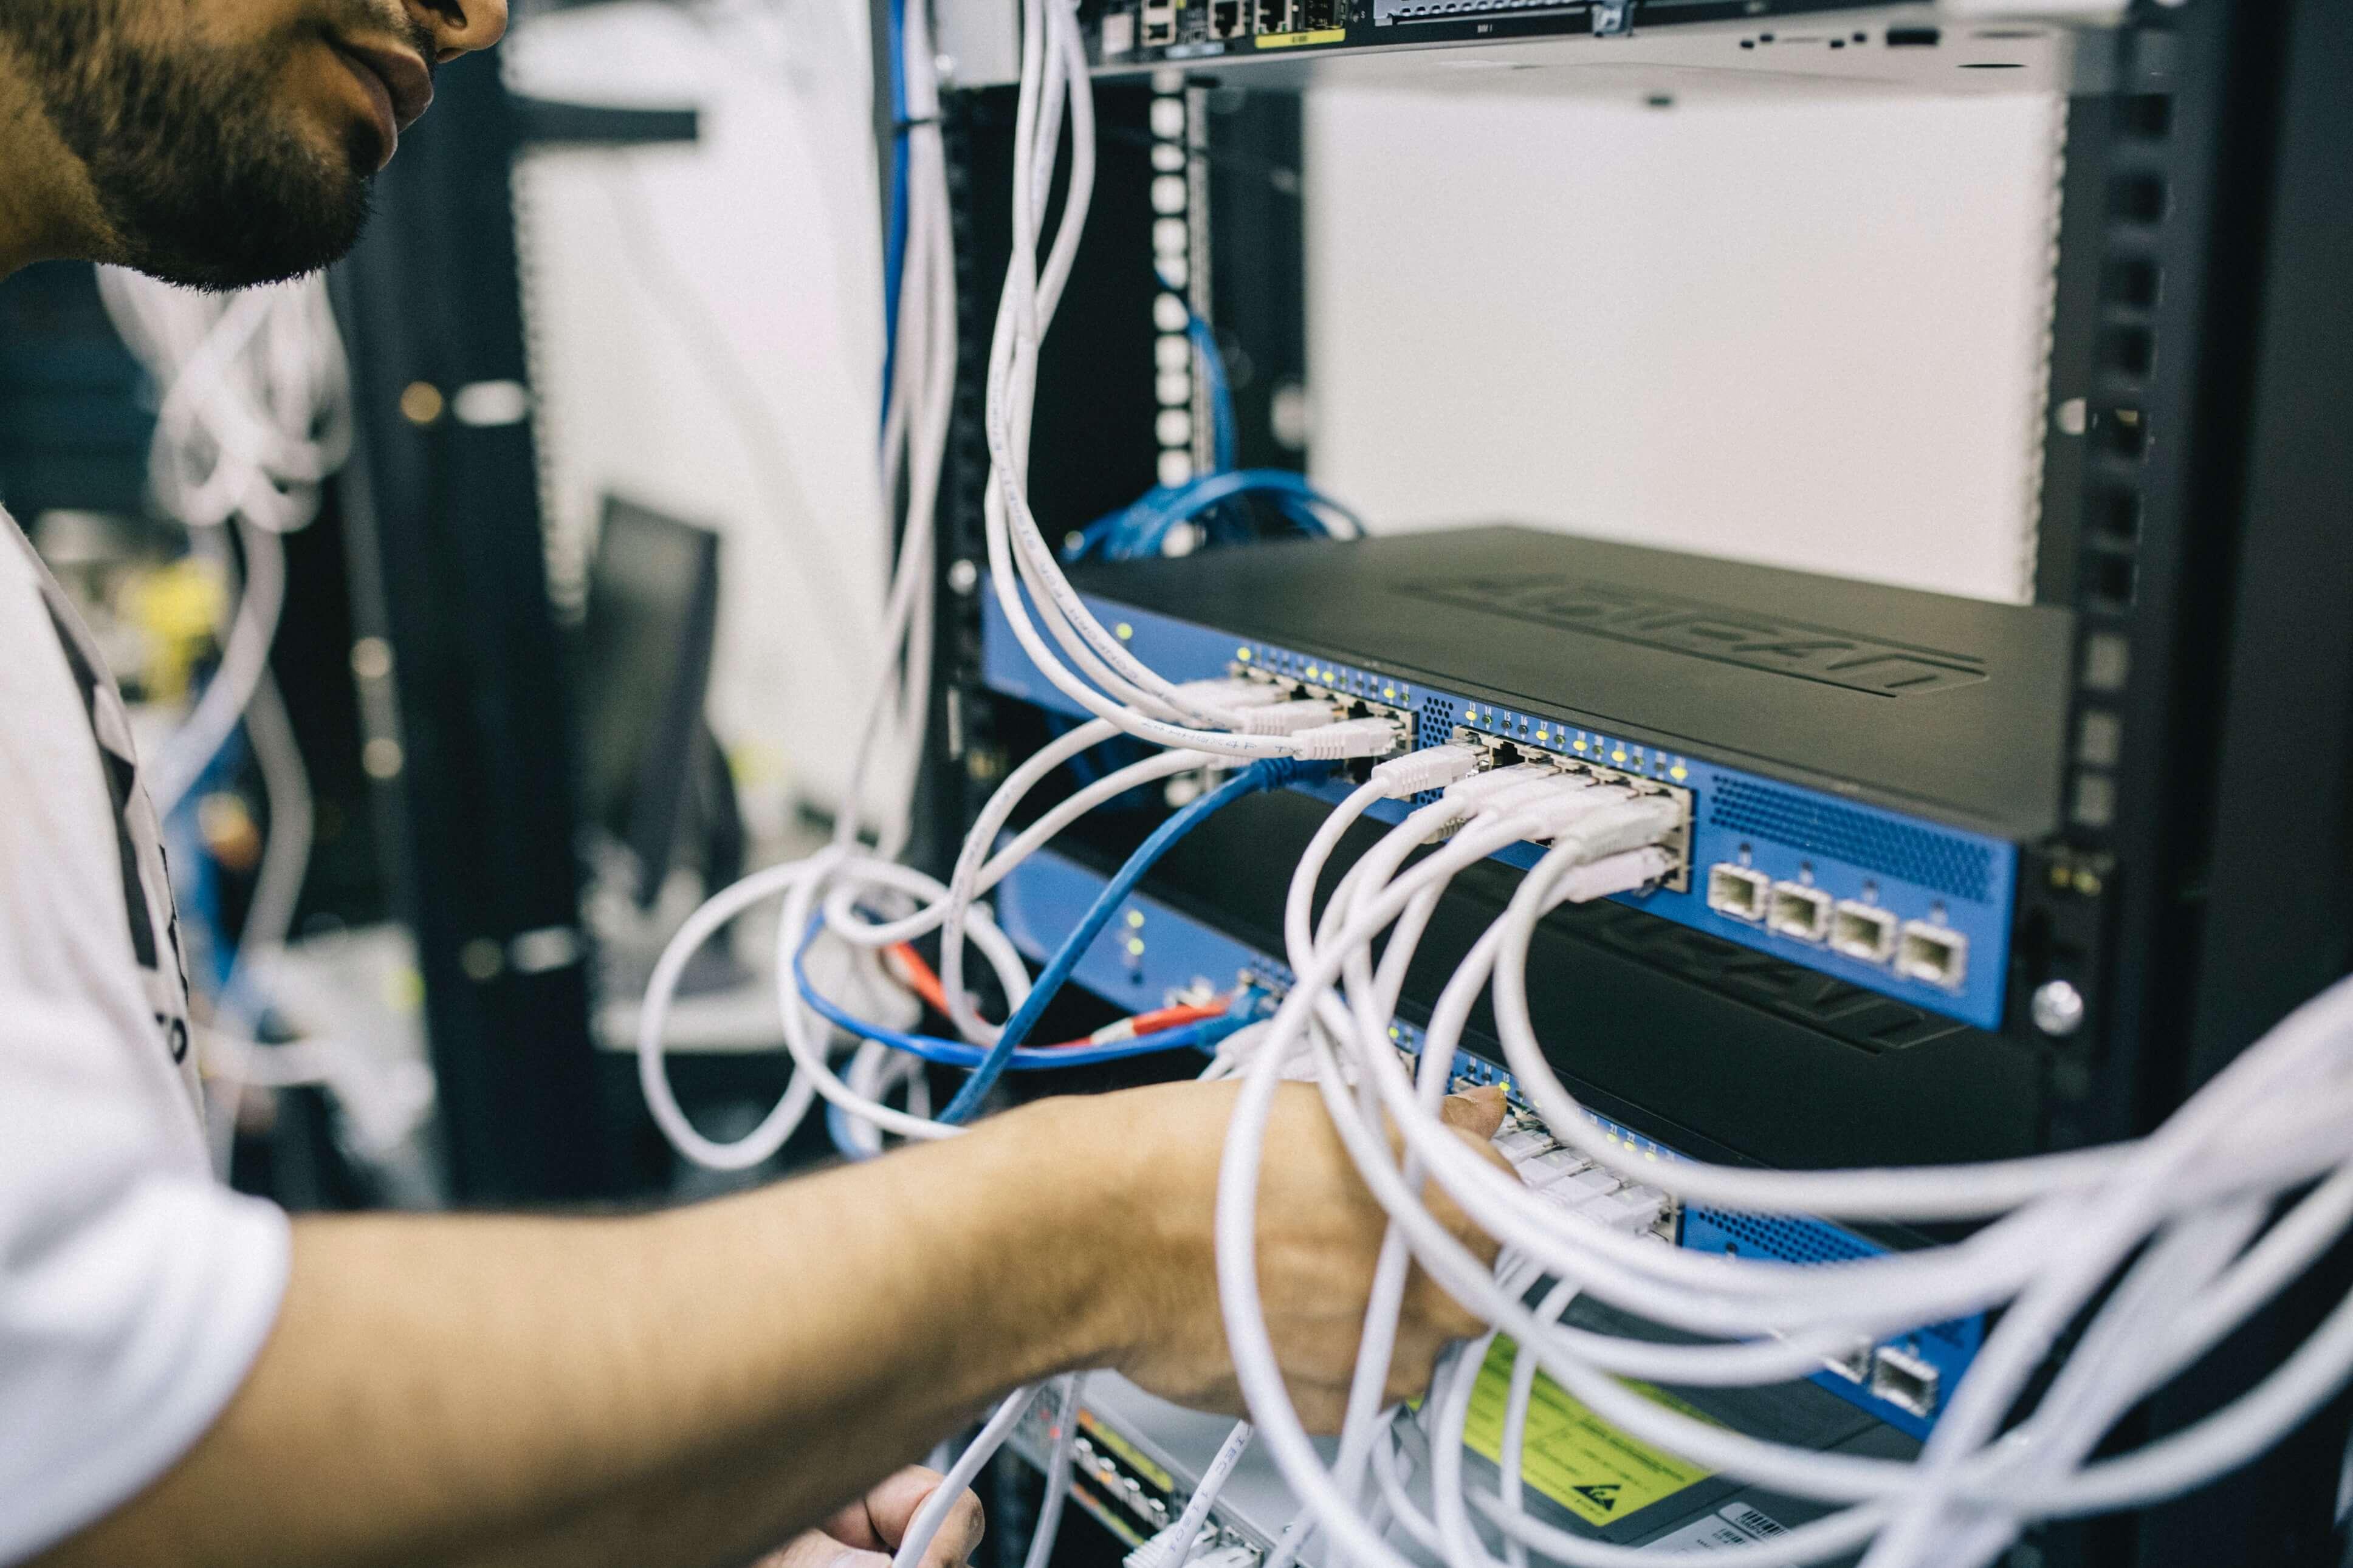 Réalisation et maintenance en informatique de réseau à la Roche sur Yon par Photo Elec